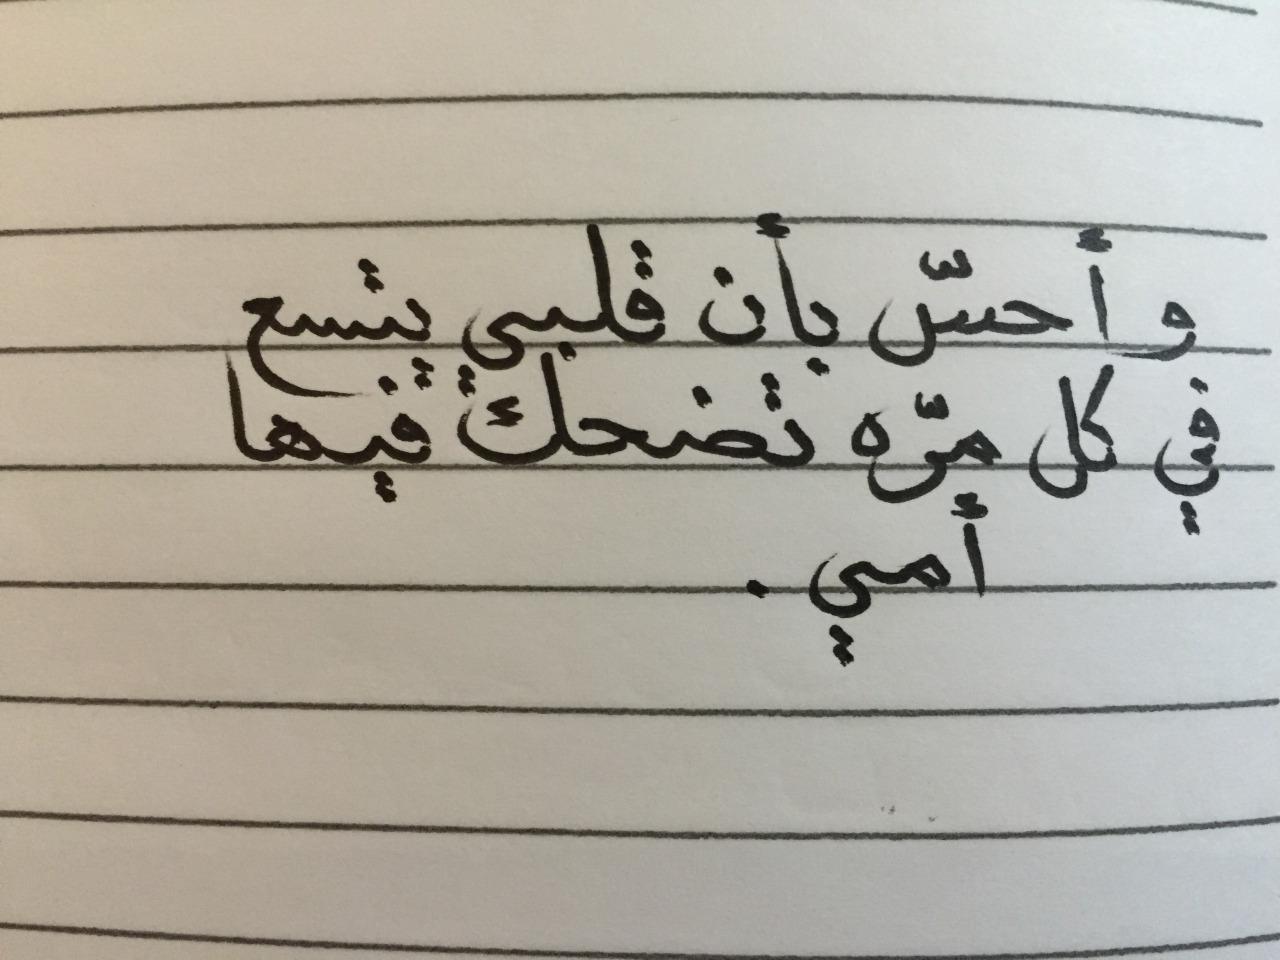 صورة كلمات عن رضا الام , هيا العالم كله